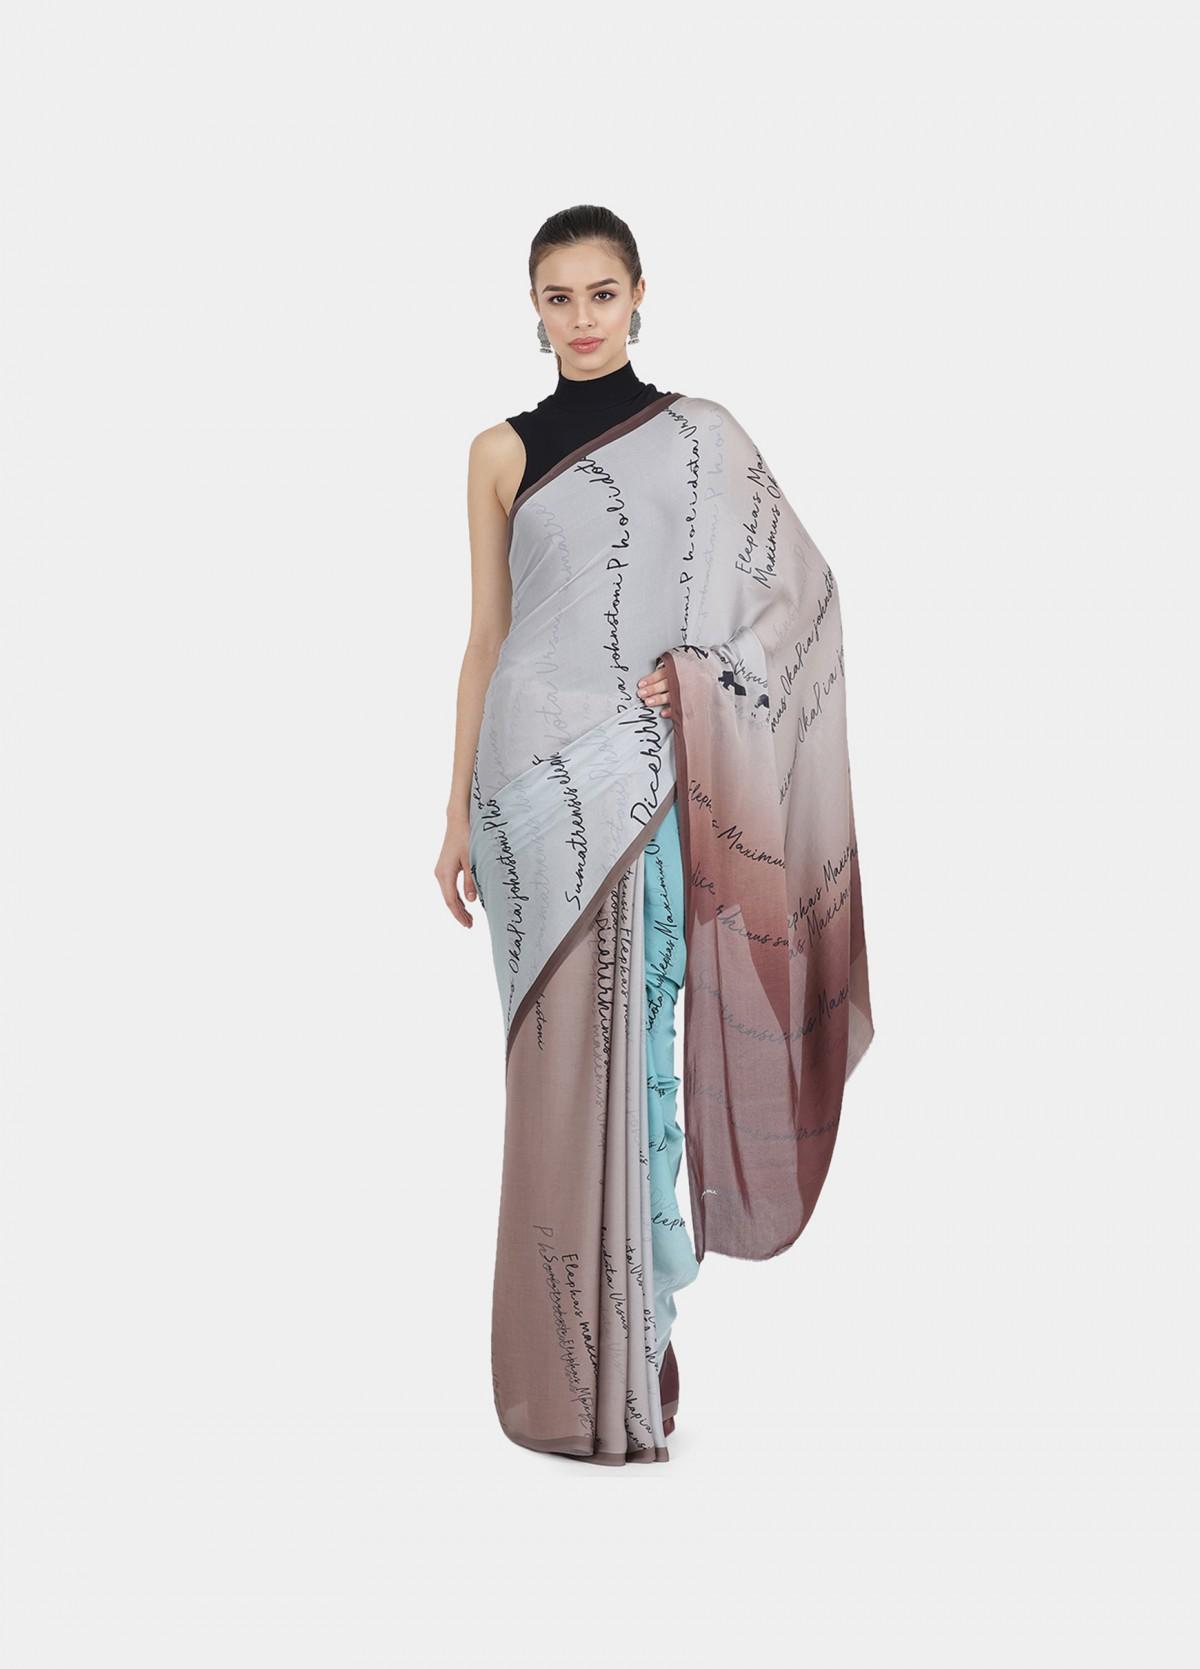 The Jungle Echo Sari